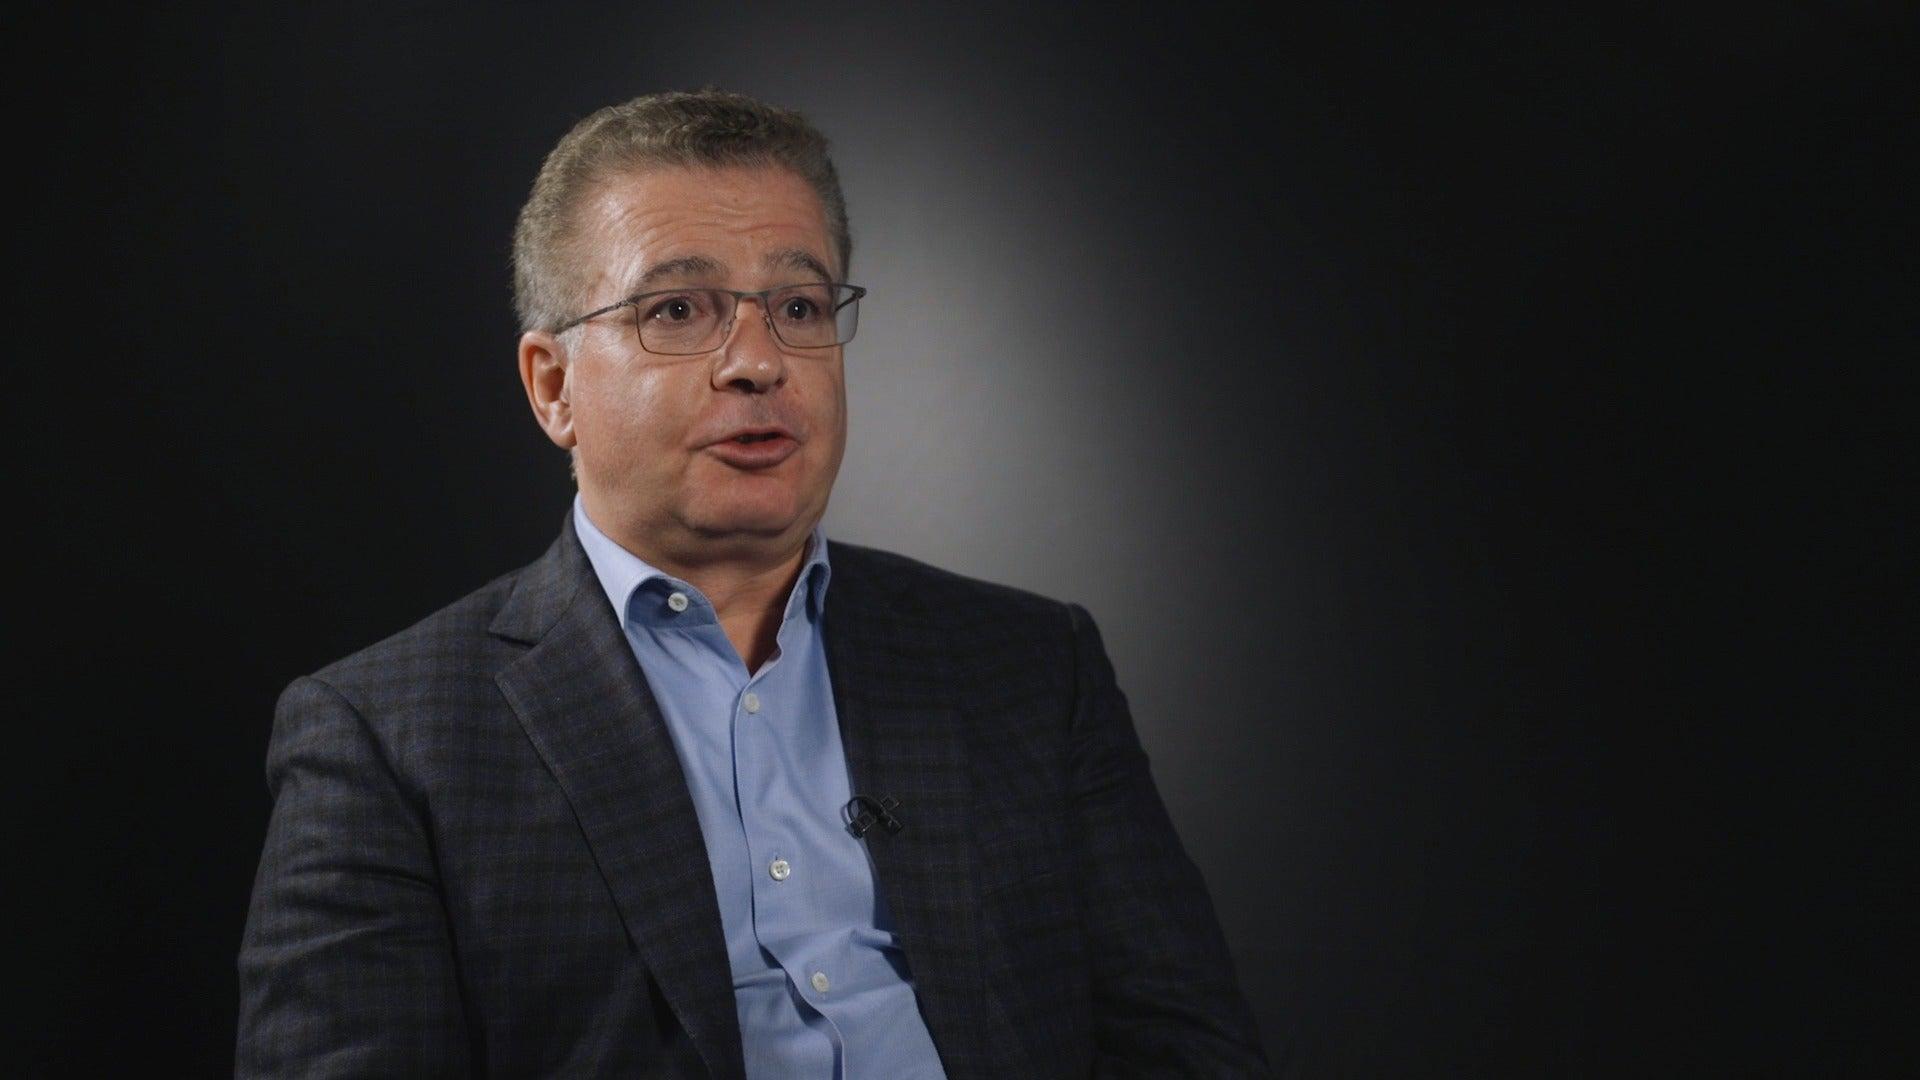 ceo interviews citrix ceo kirill tatarinov tv